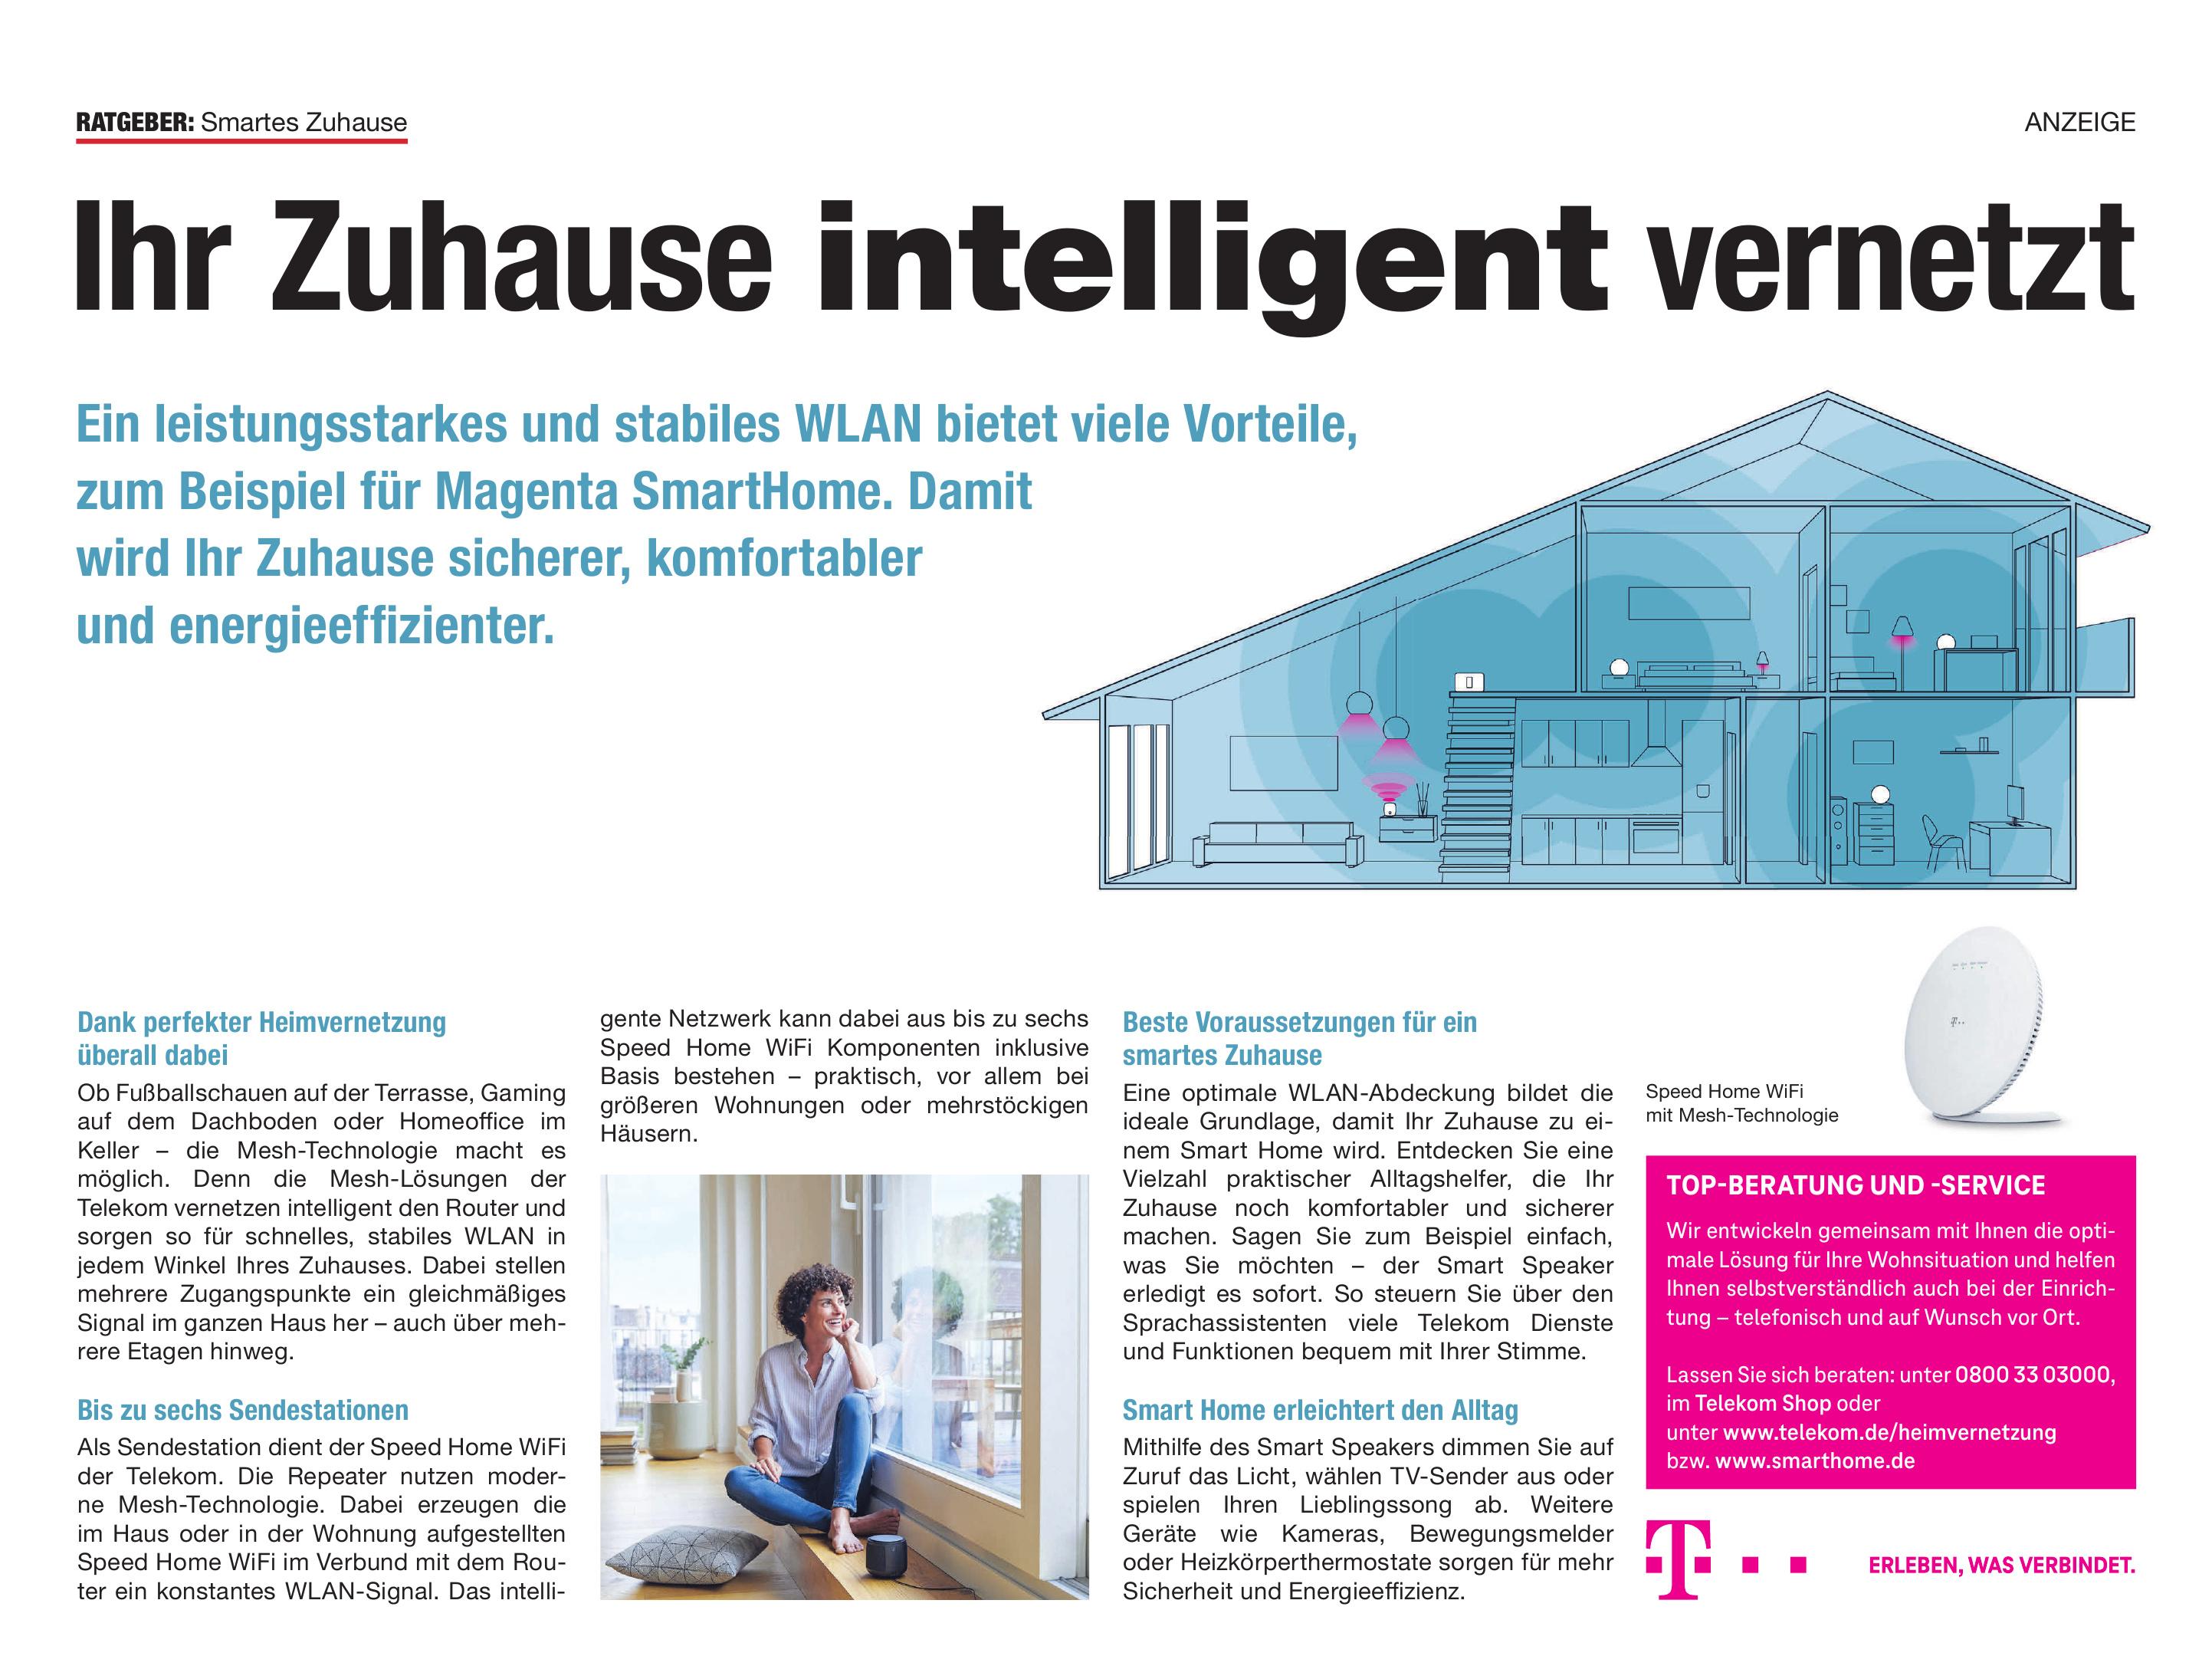 Ihr Zuhause intelligent vernetzt Image 4